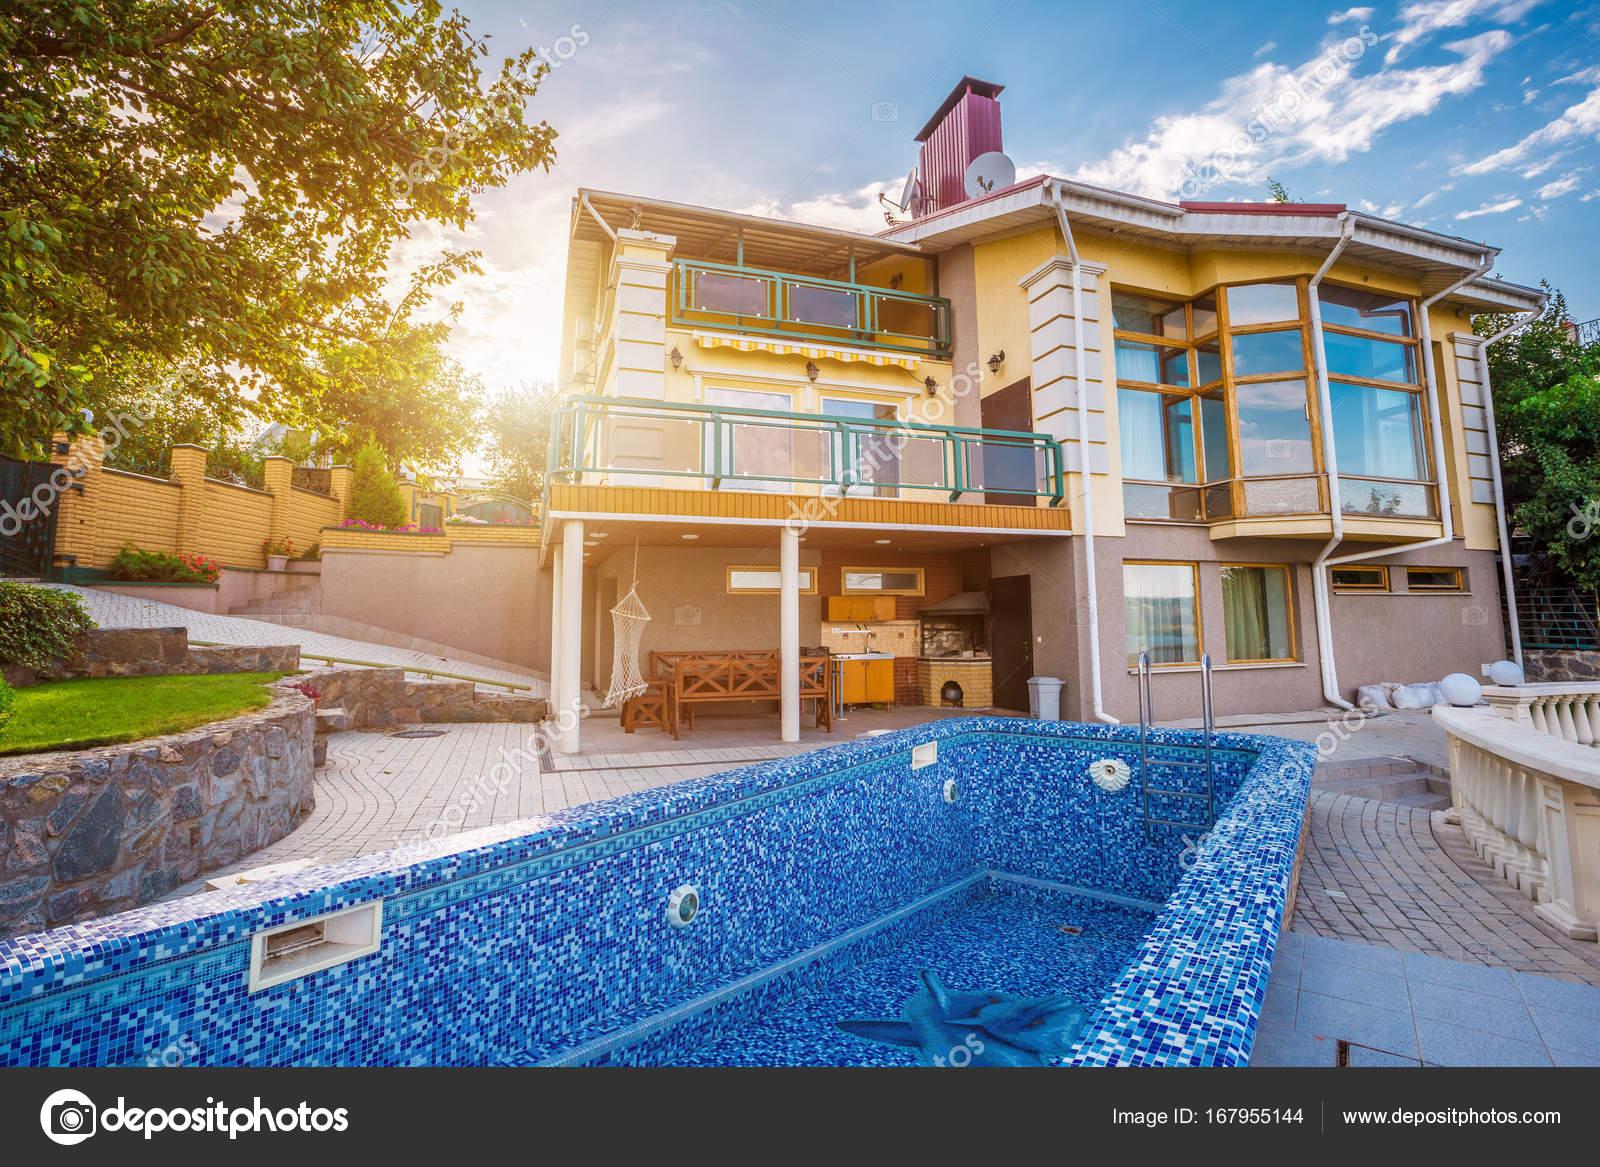 Grande casa di campagna con piscina foto stock nazarov for Casa con piscina urdaibai